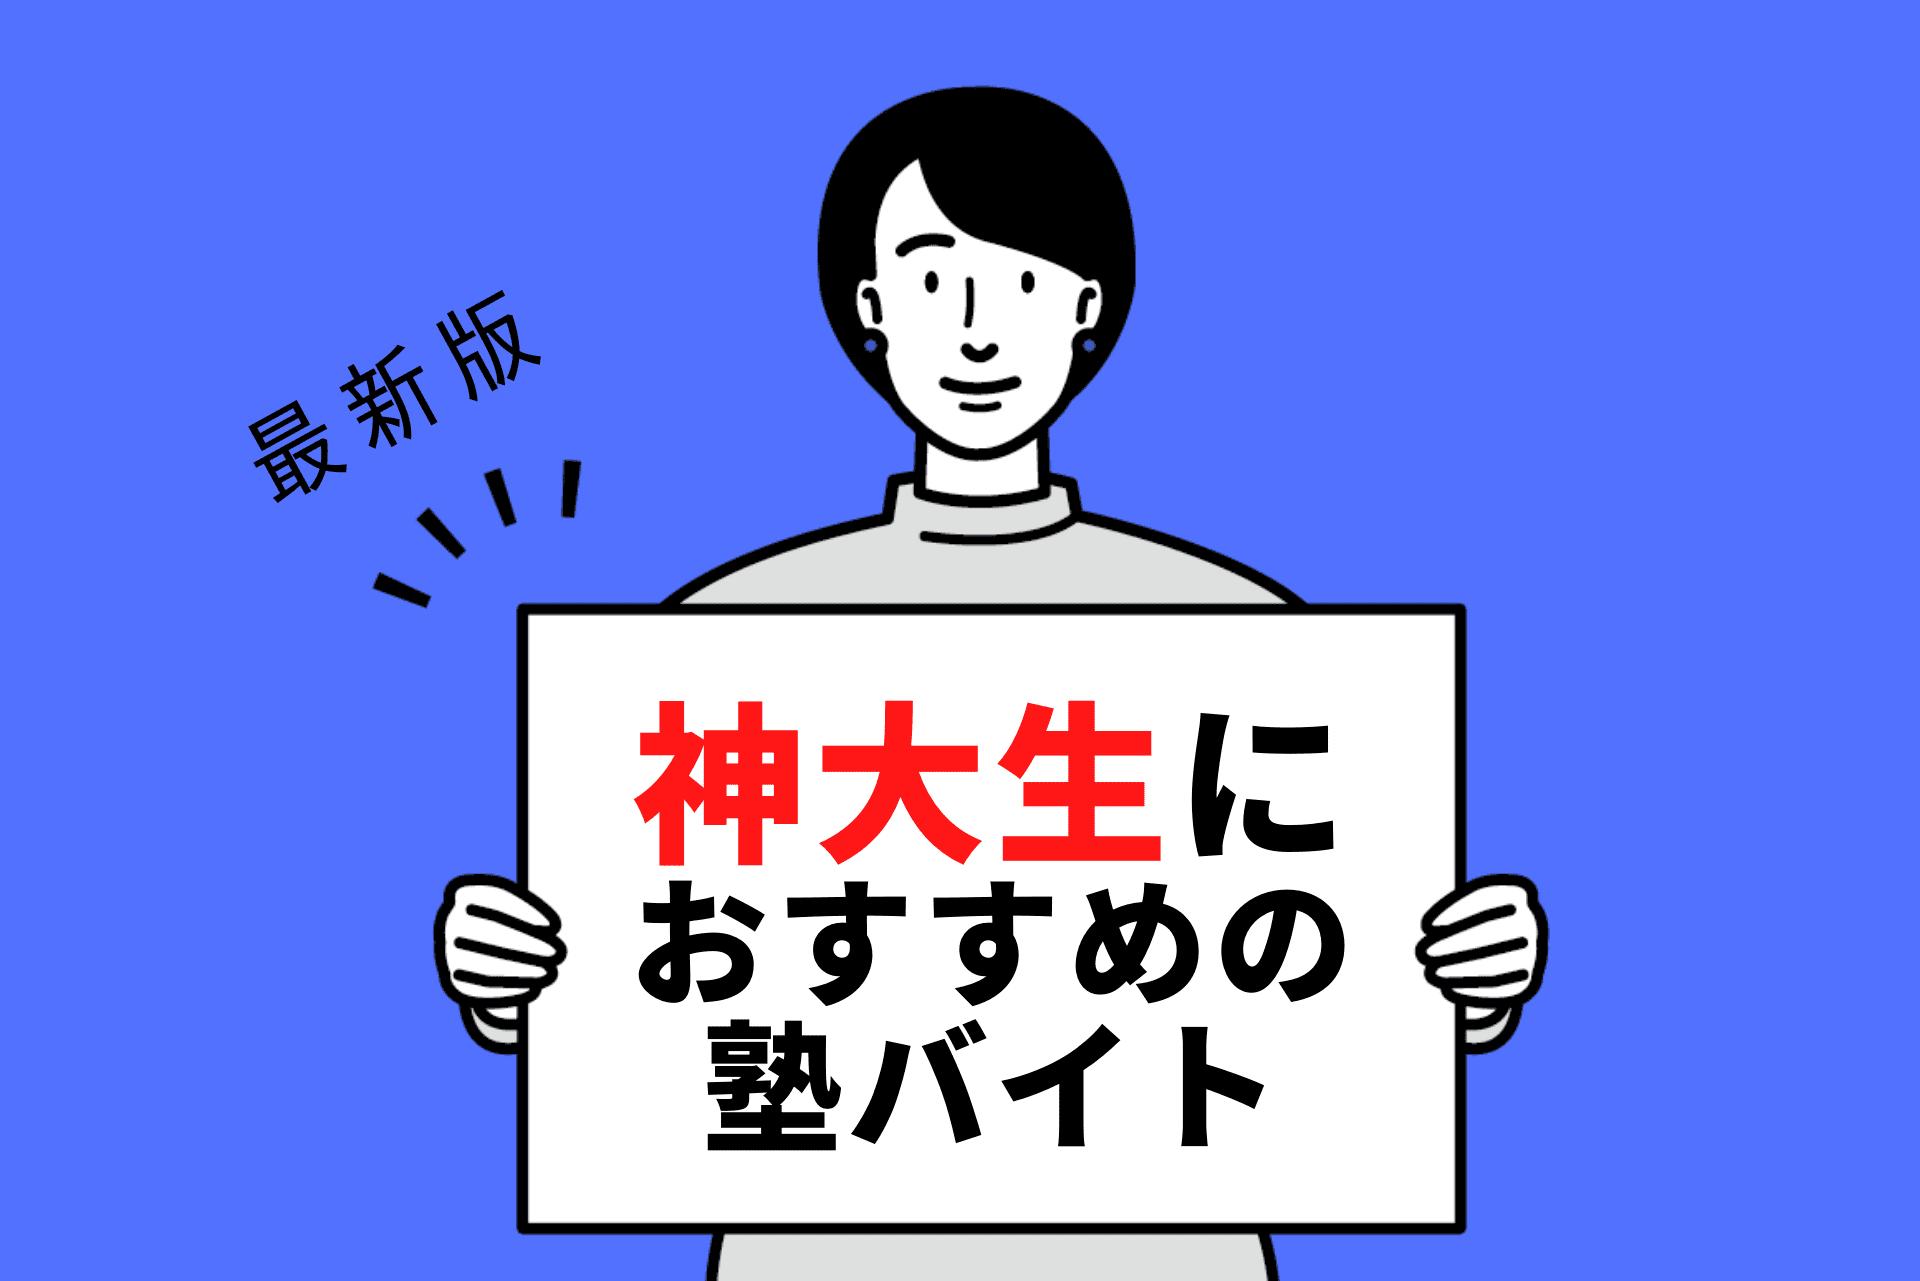 神戸大学の学生さんにおすすめの塾